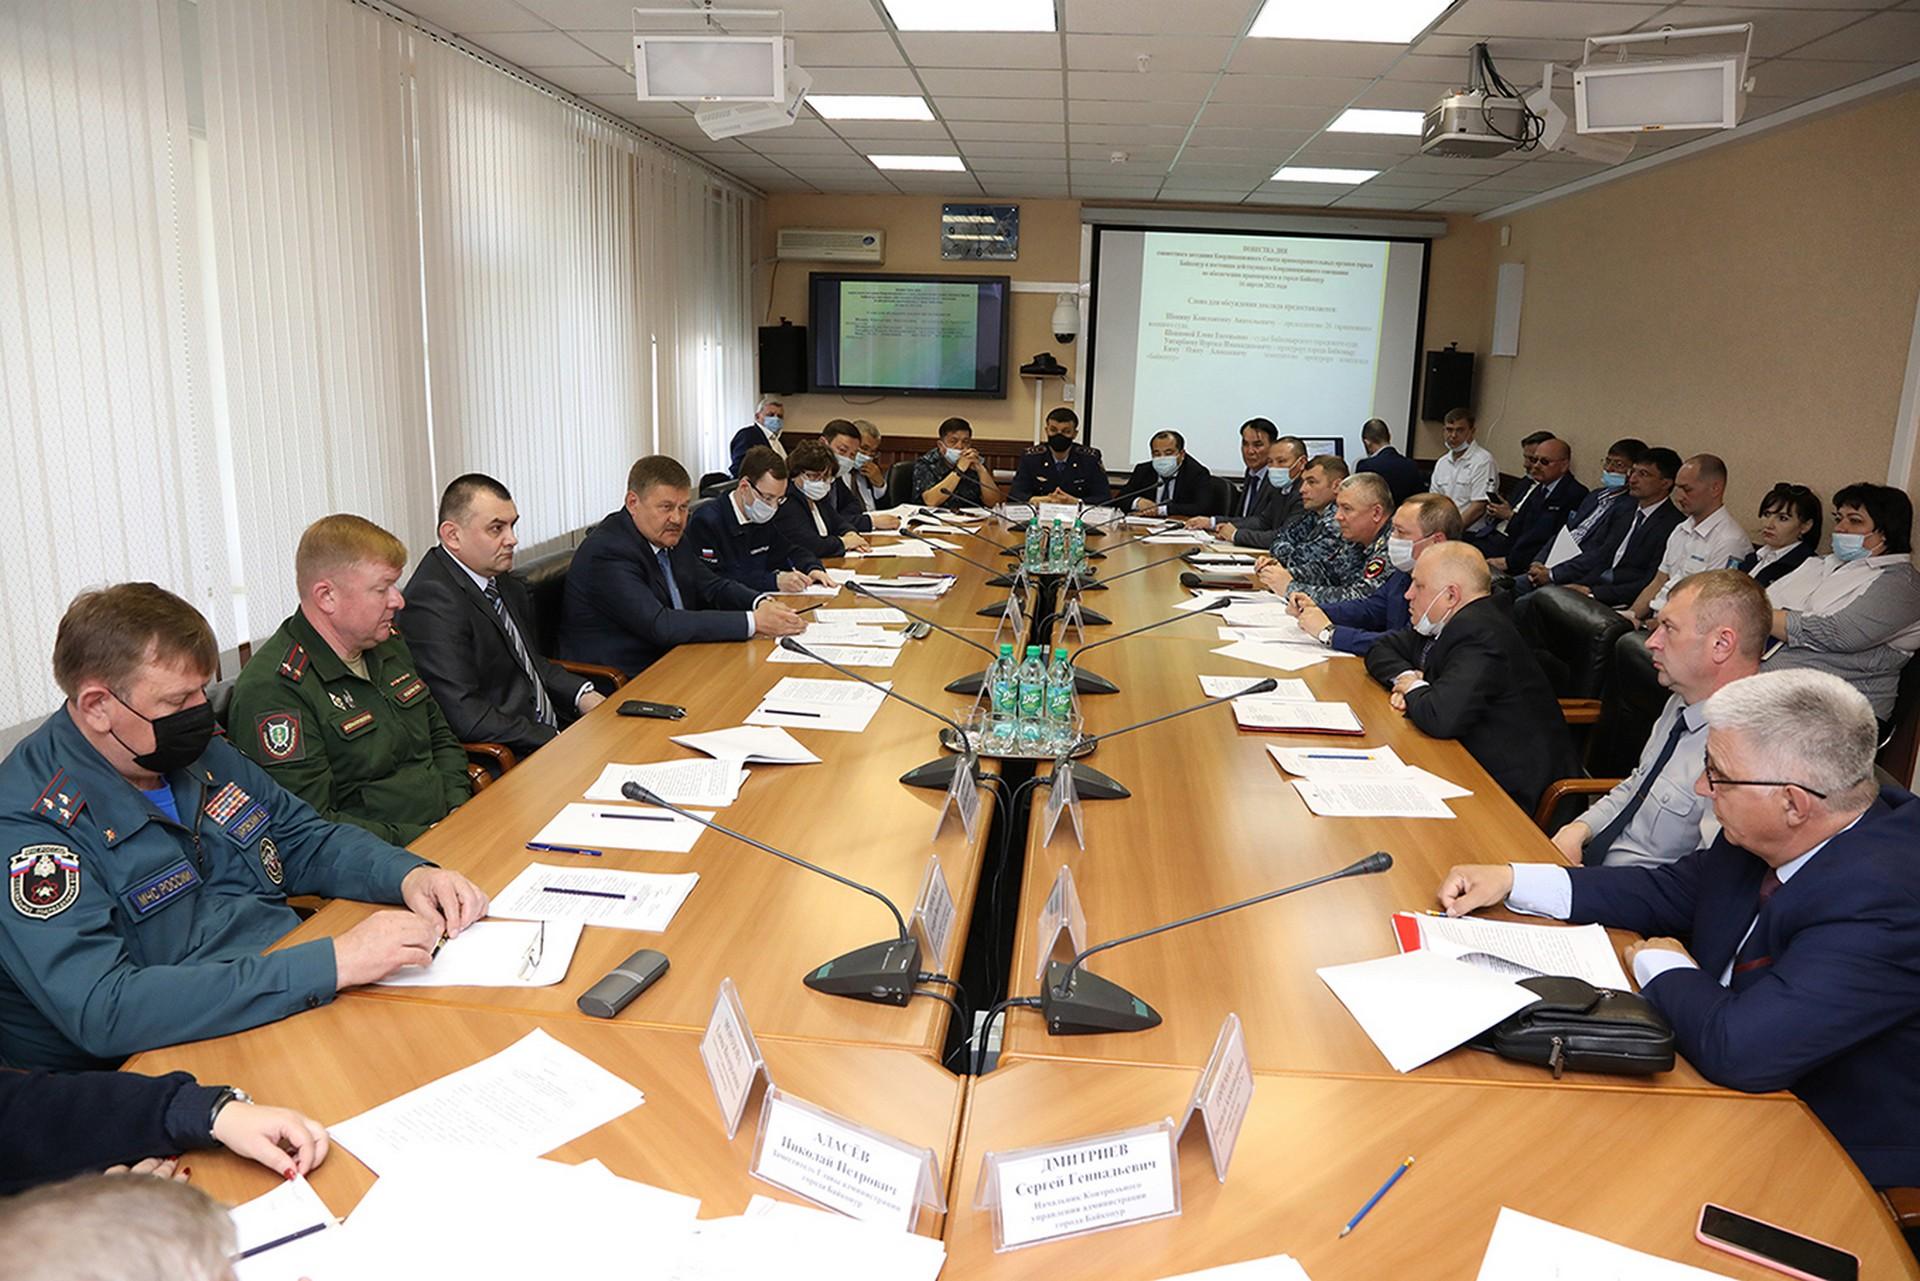 На заседании Координационного Совета правоохранительных органов рассмотрены итоги работы по поддержанию правопорядка в городе Байконуре за 2020 год